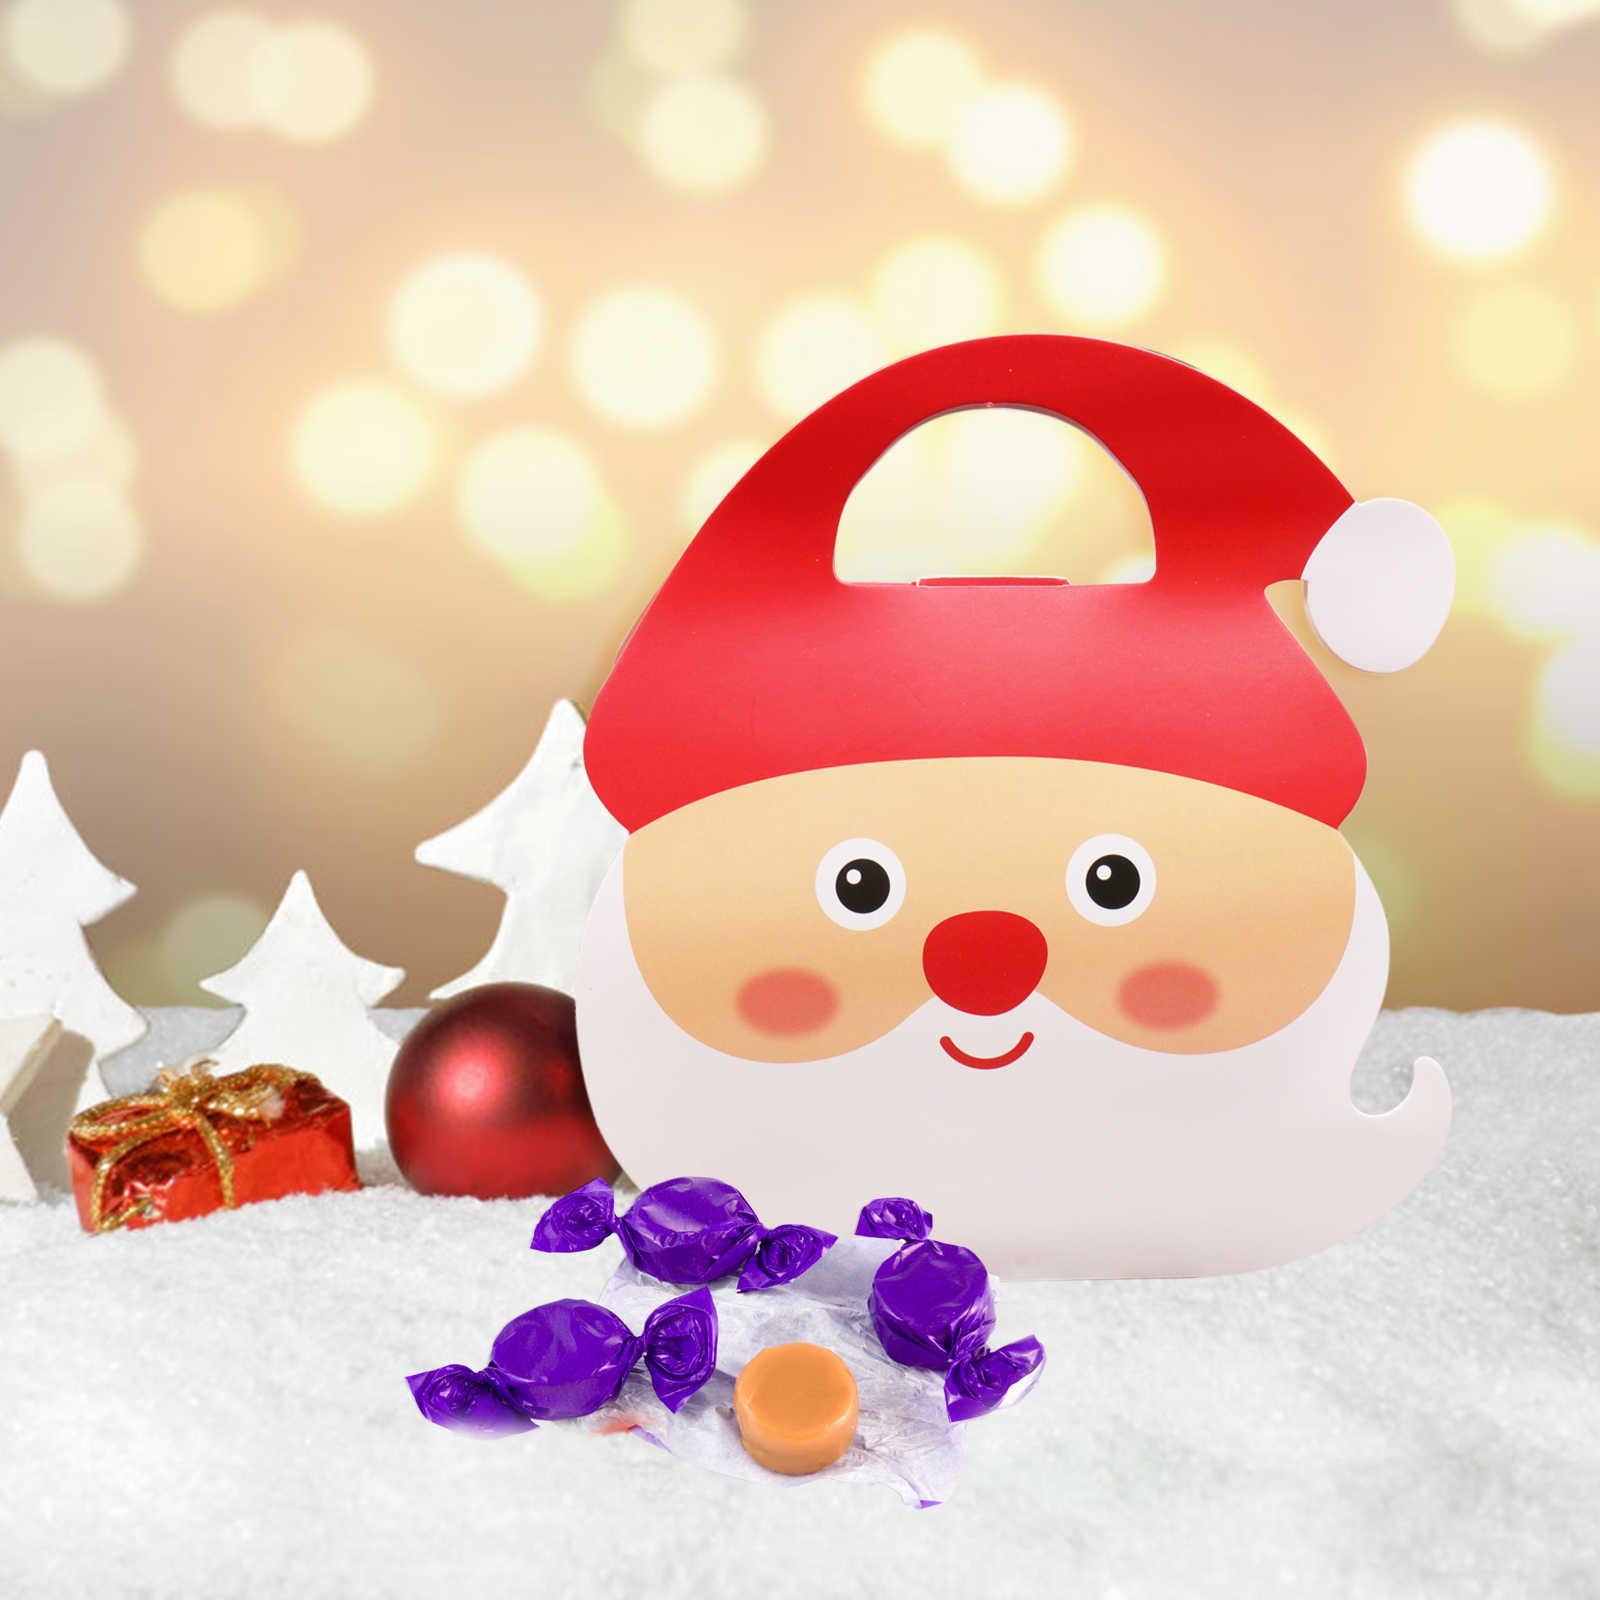 Pcs New 8 10x18x19.5 centímetros Caixa de Doces de Natal Alce Saco Pacote de Presente de Papai Noel das Crianças caixas de presente para a Festa de Natal Decoração